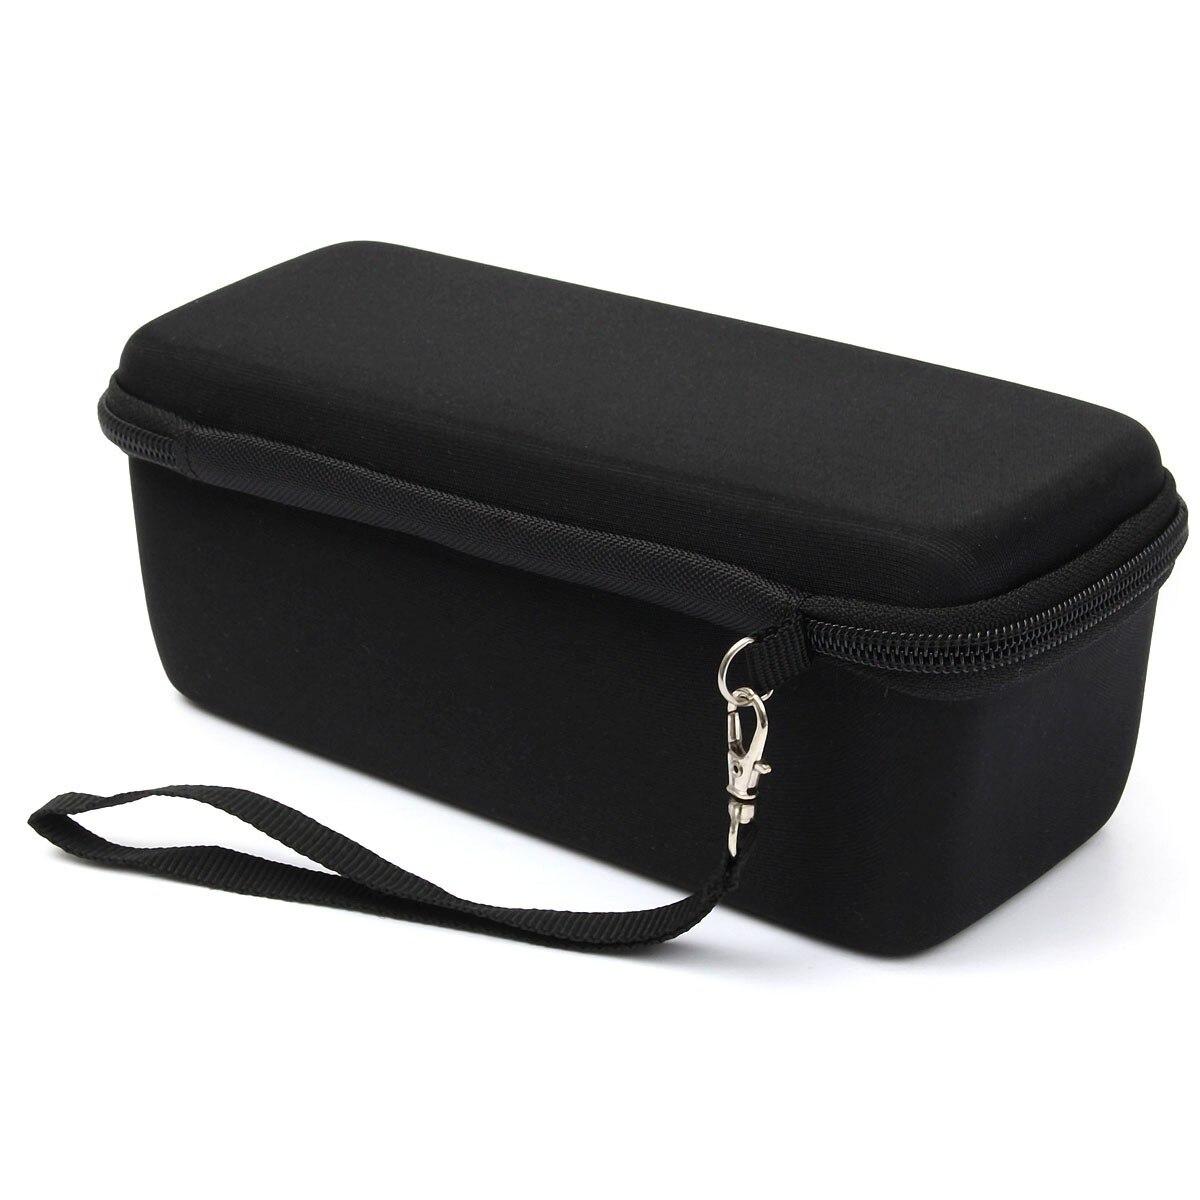 New Travel Portatile Custodia Protettiva Bagagli Per JBL Flip 3  Altoparlante Senza Fili del Bluetooth Box Bag Pouch 6bf2337aa575